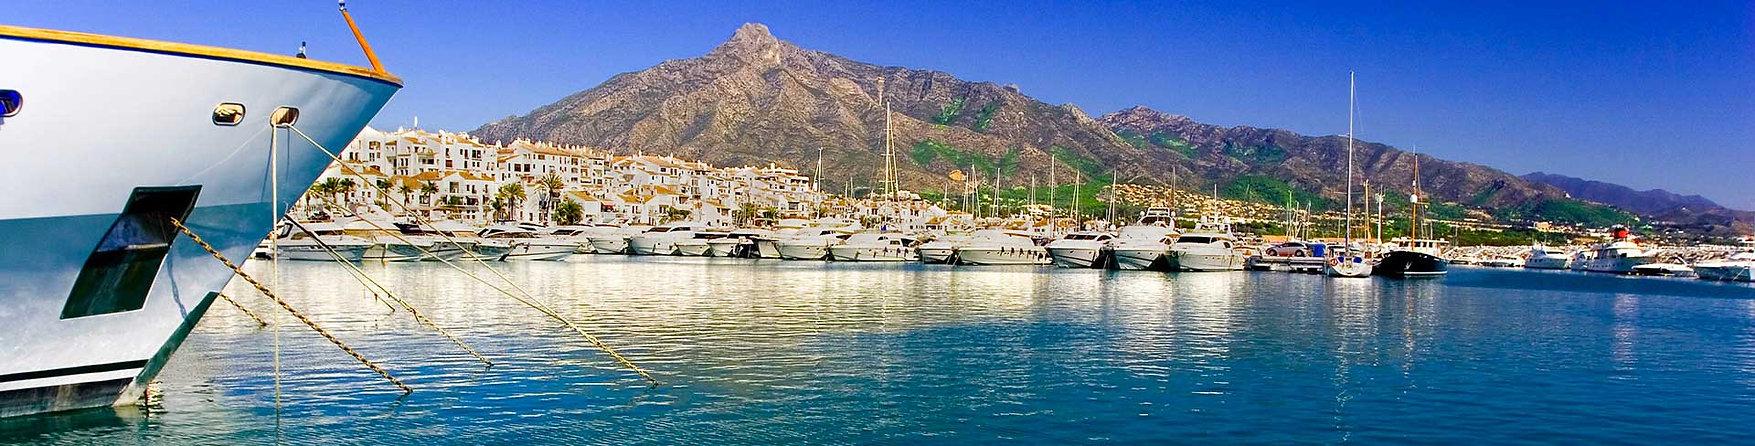 wat-te-doen-marbella-costa-del-sol-huren